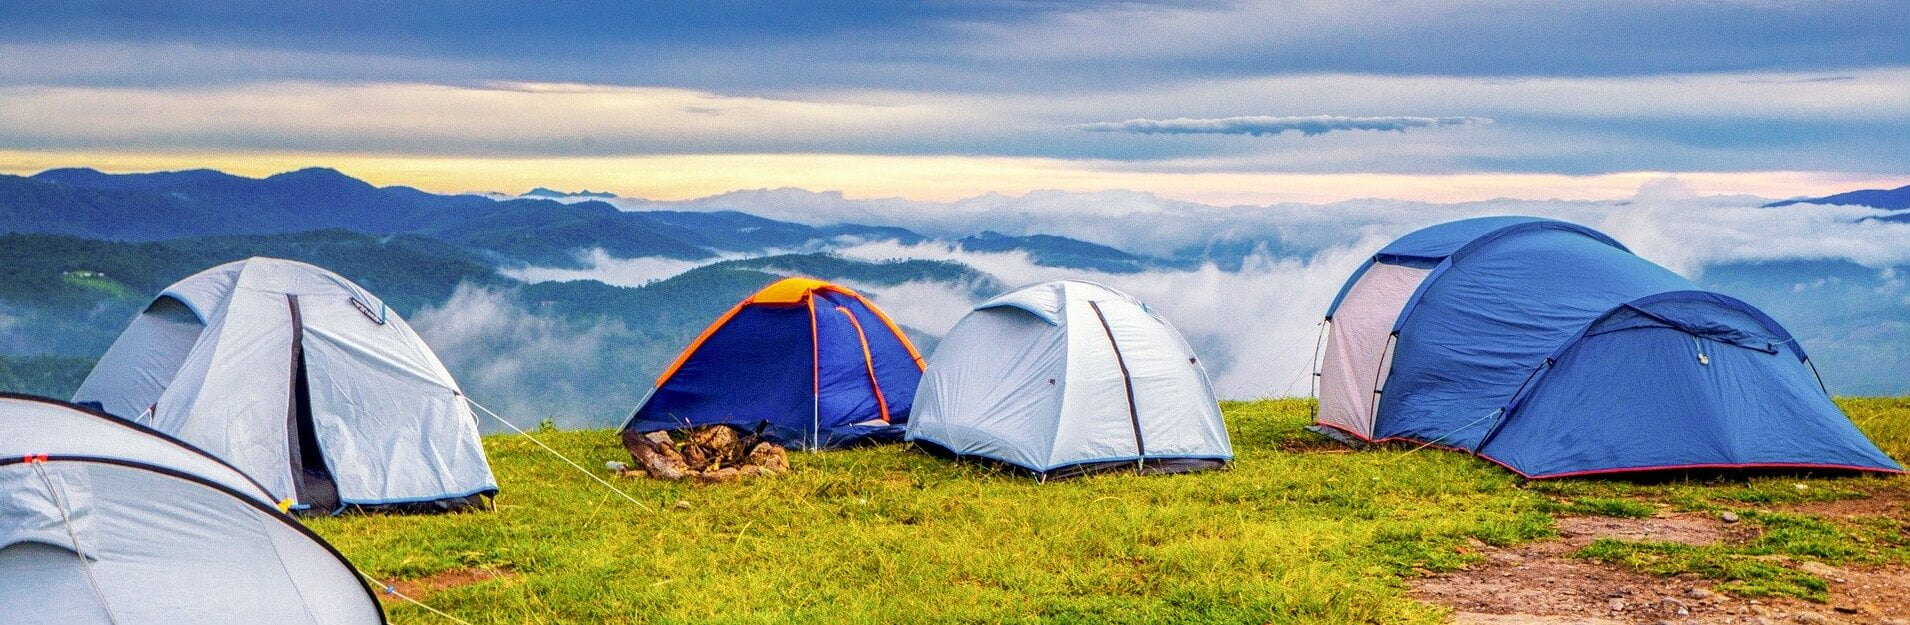 Conseils pour le nettoyage de votre équipement de camping